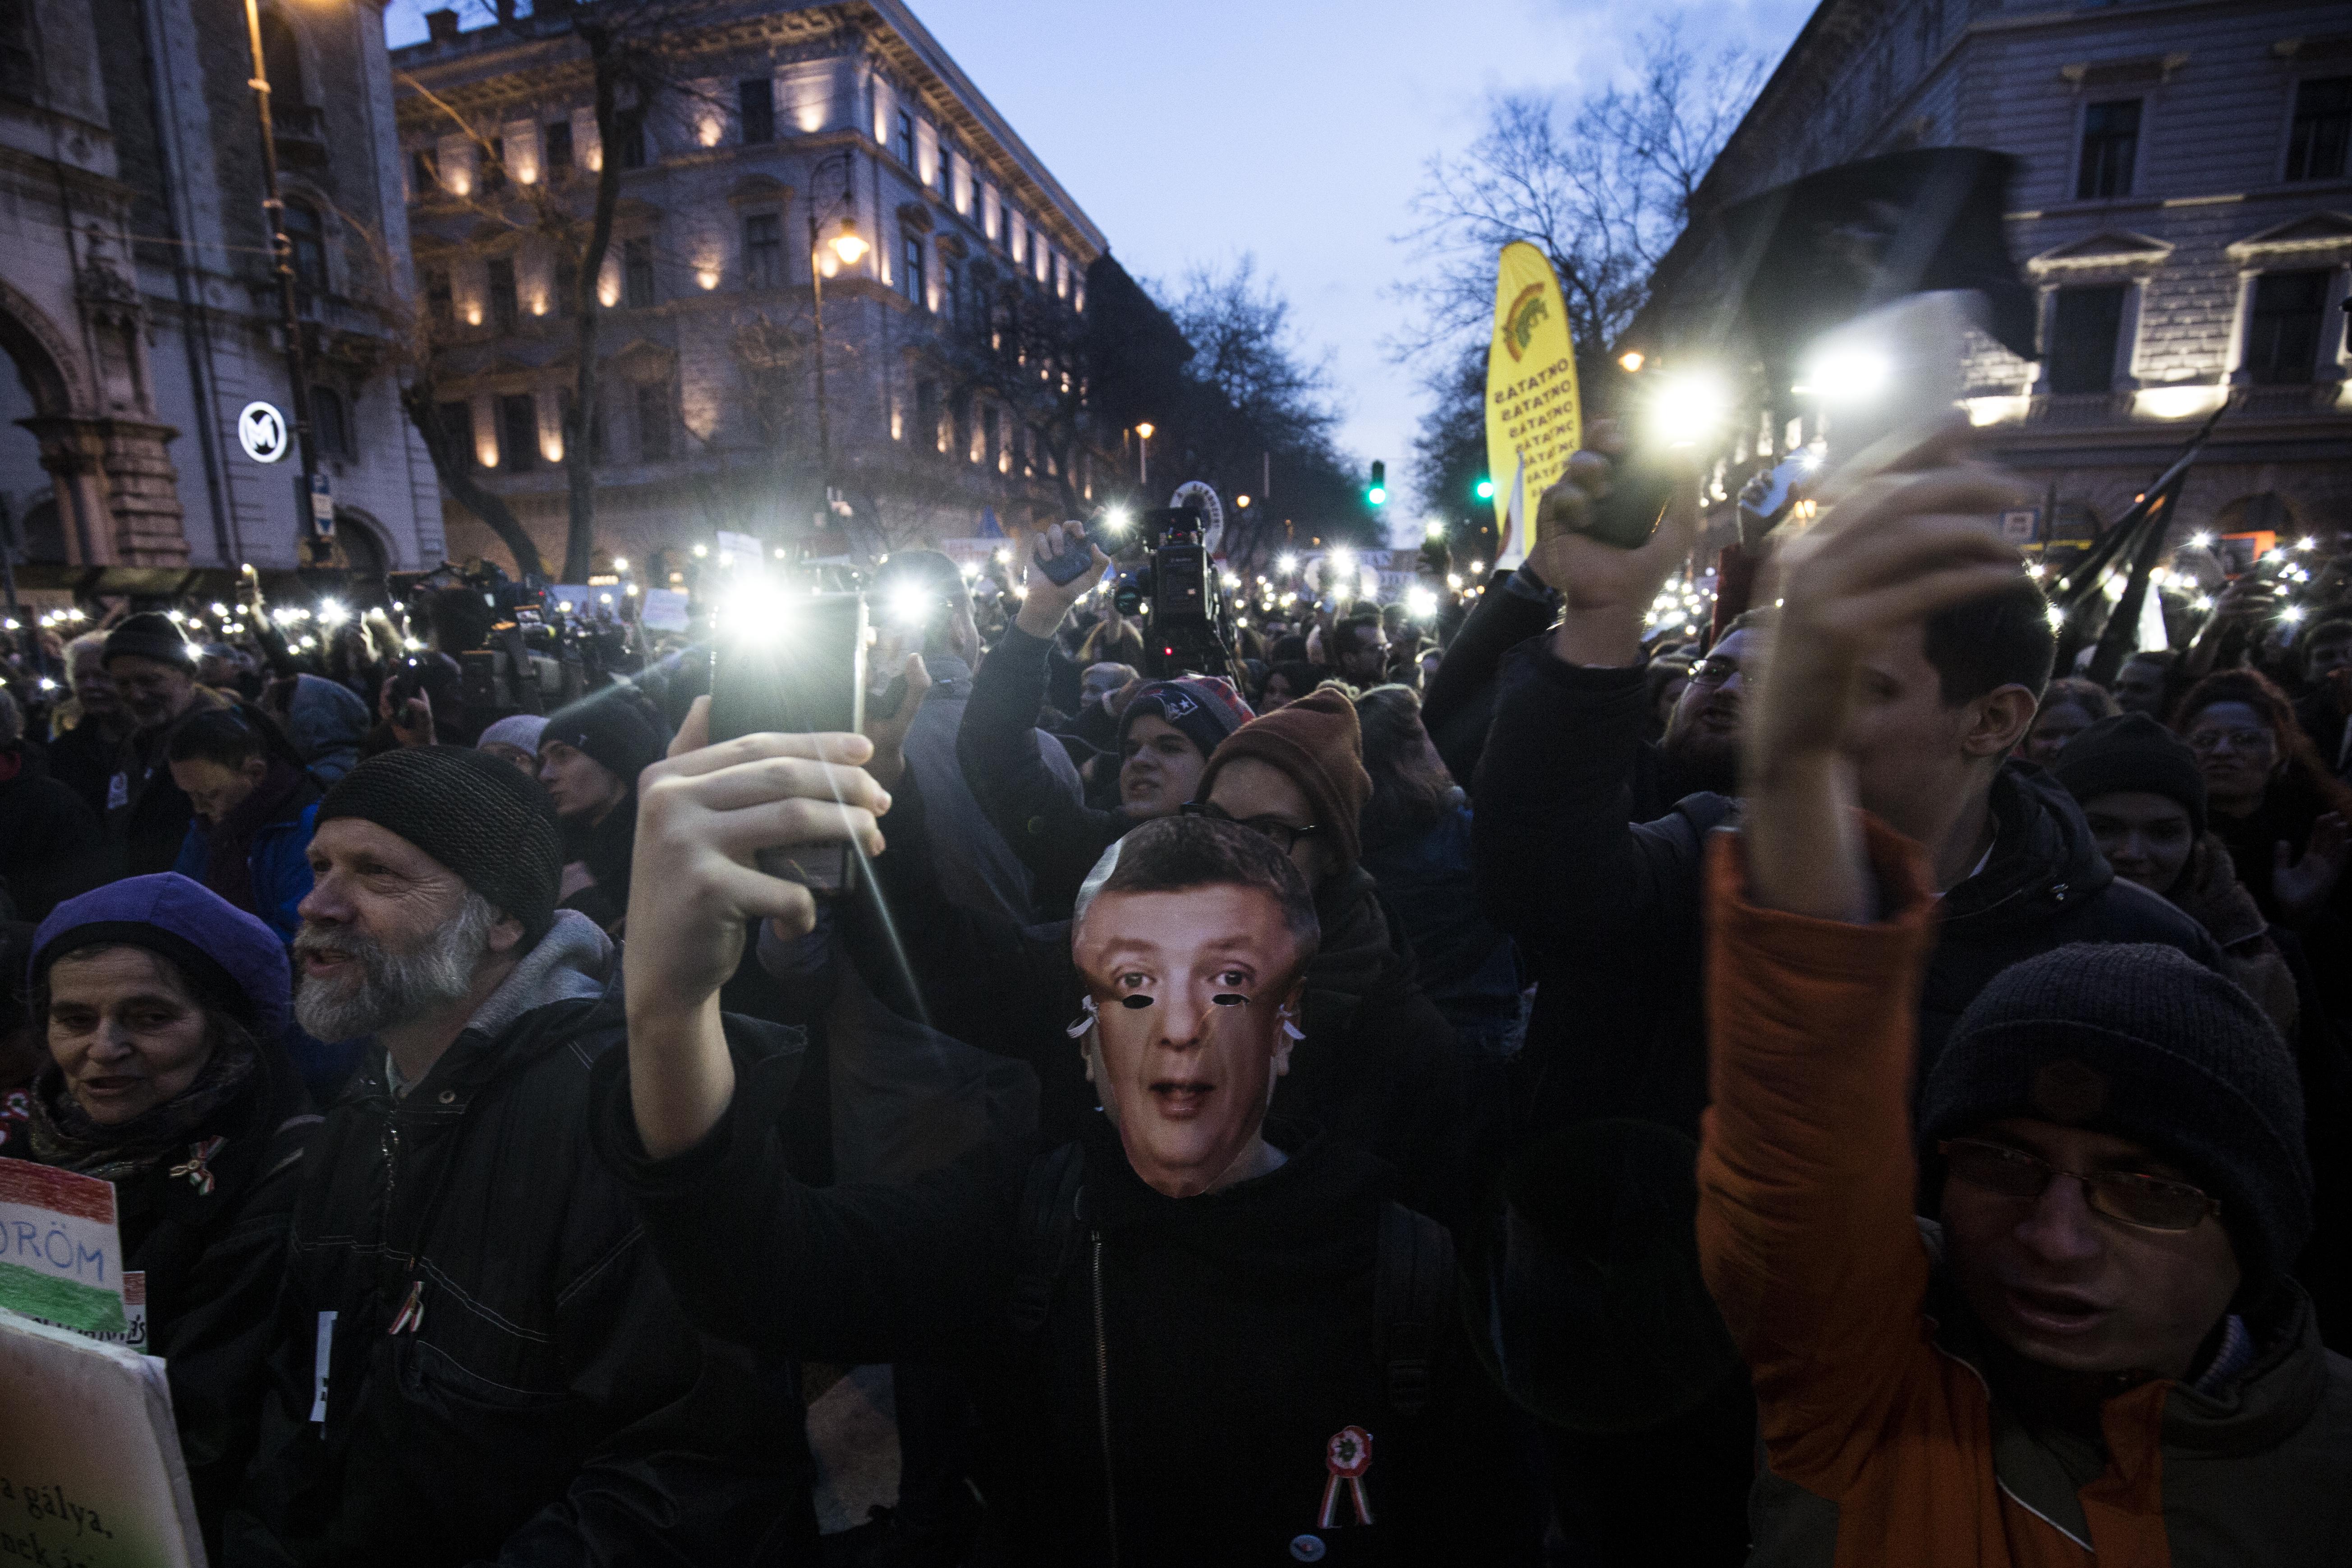 Sorra küldi a rendőrség az 50 ezres büntetéseket a diáktüntetéseken részt vevő fiataloknak, újságíróknak és fotósoknak